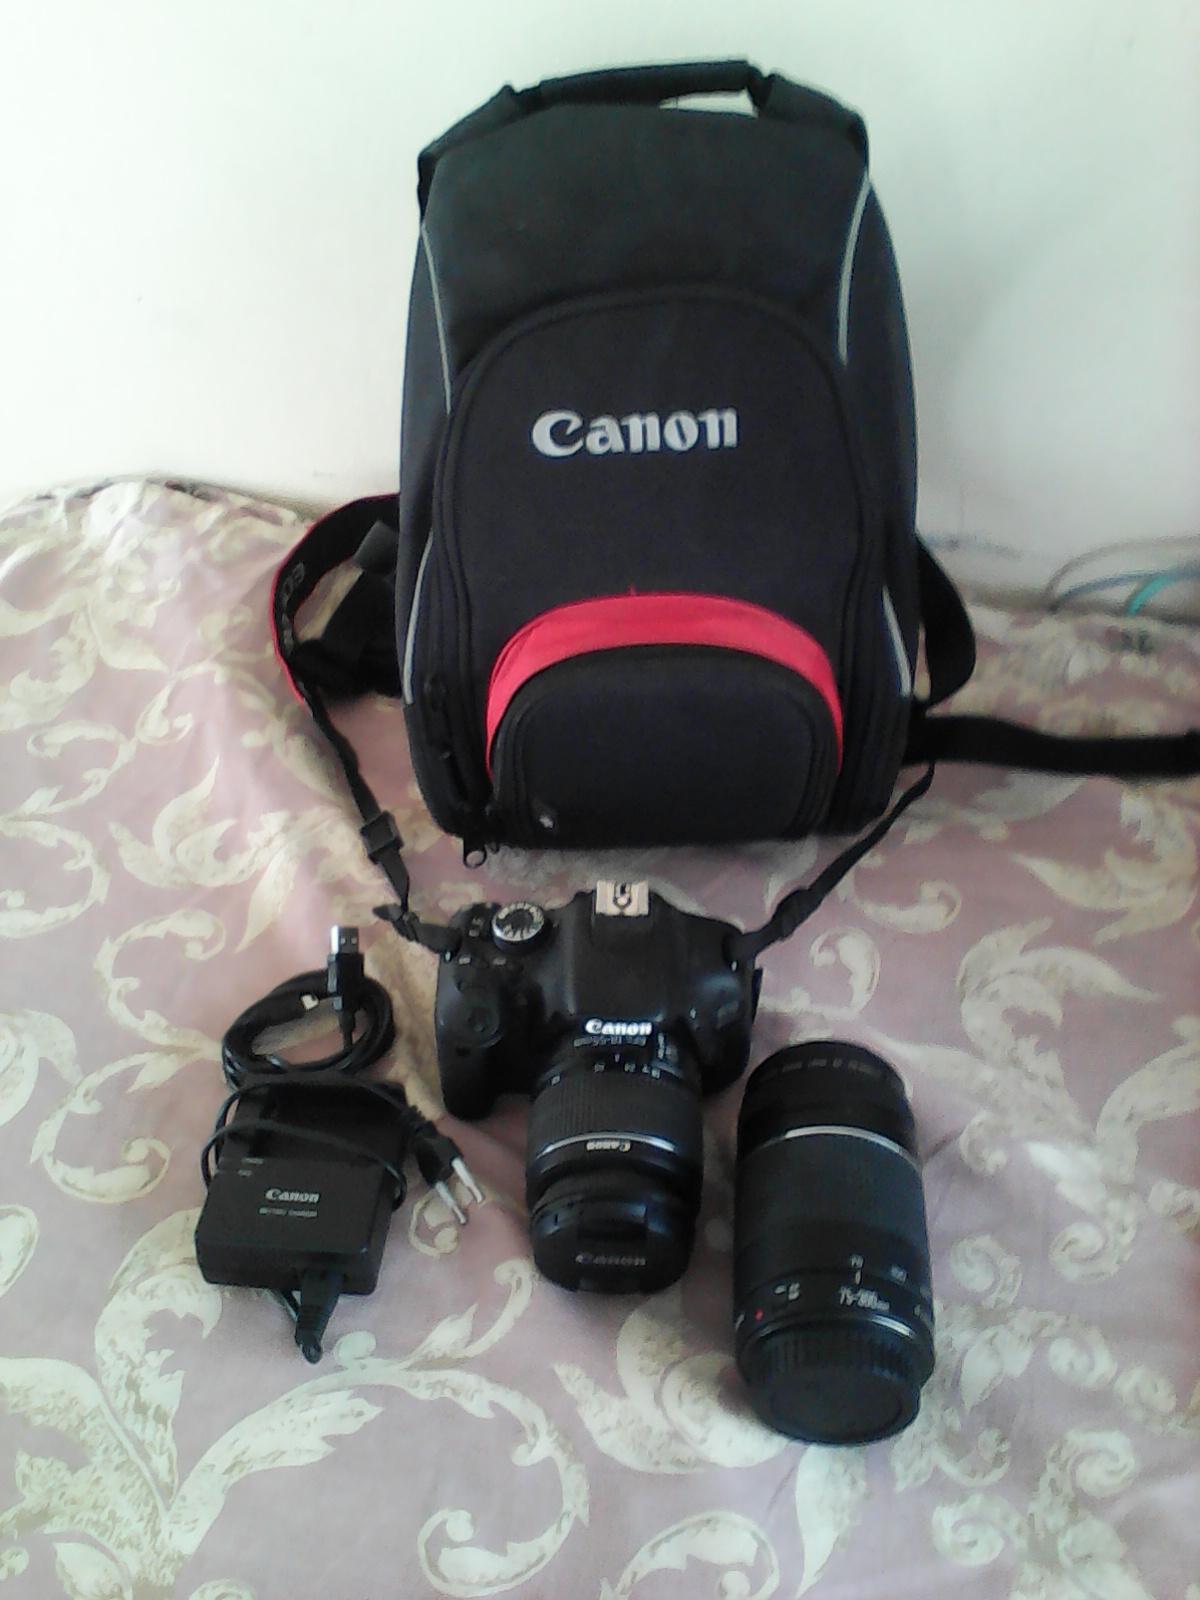 Canon EOS 600D Camera + Extra Lens